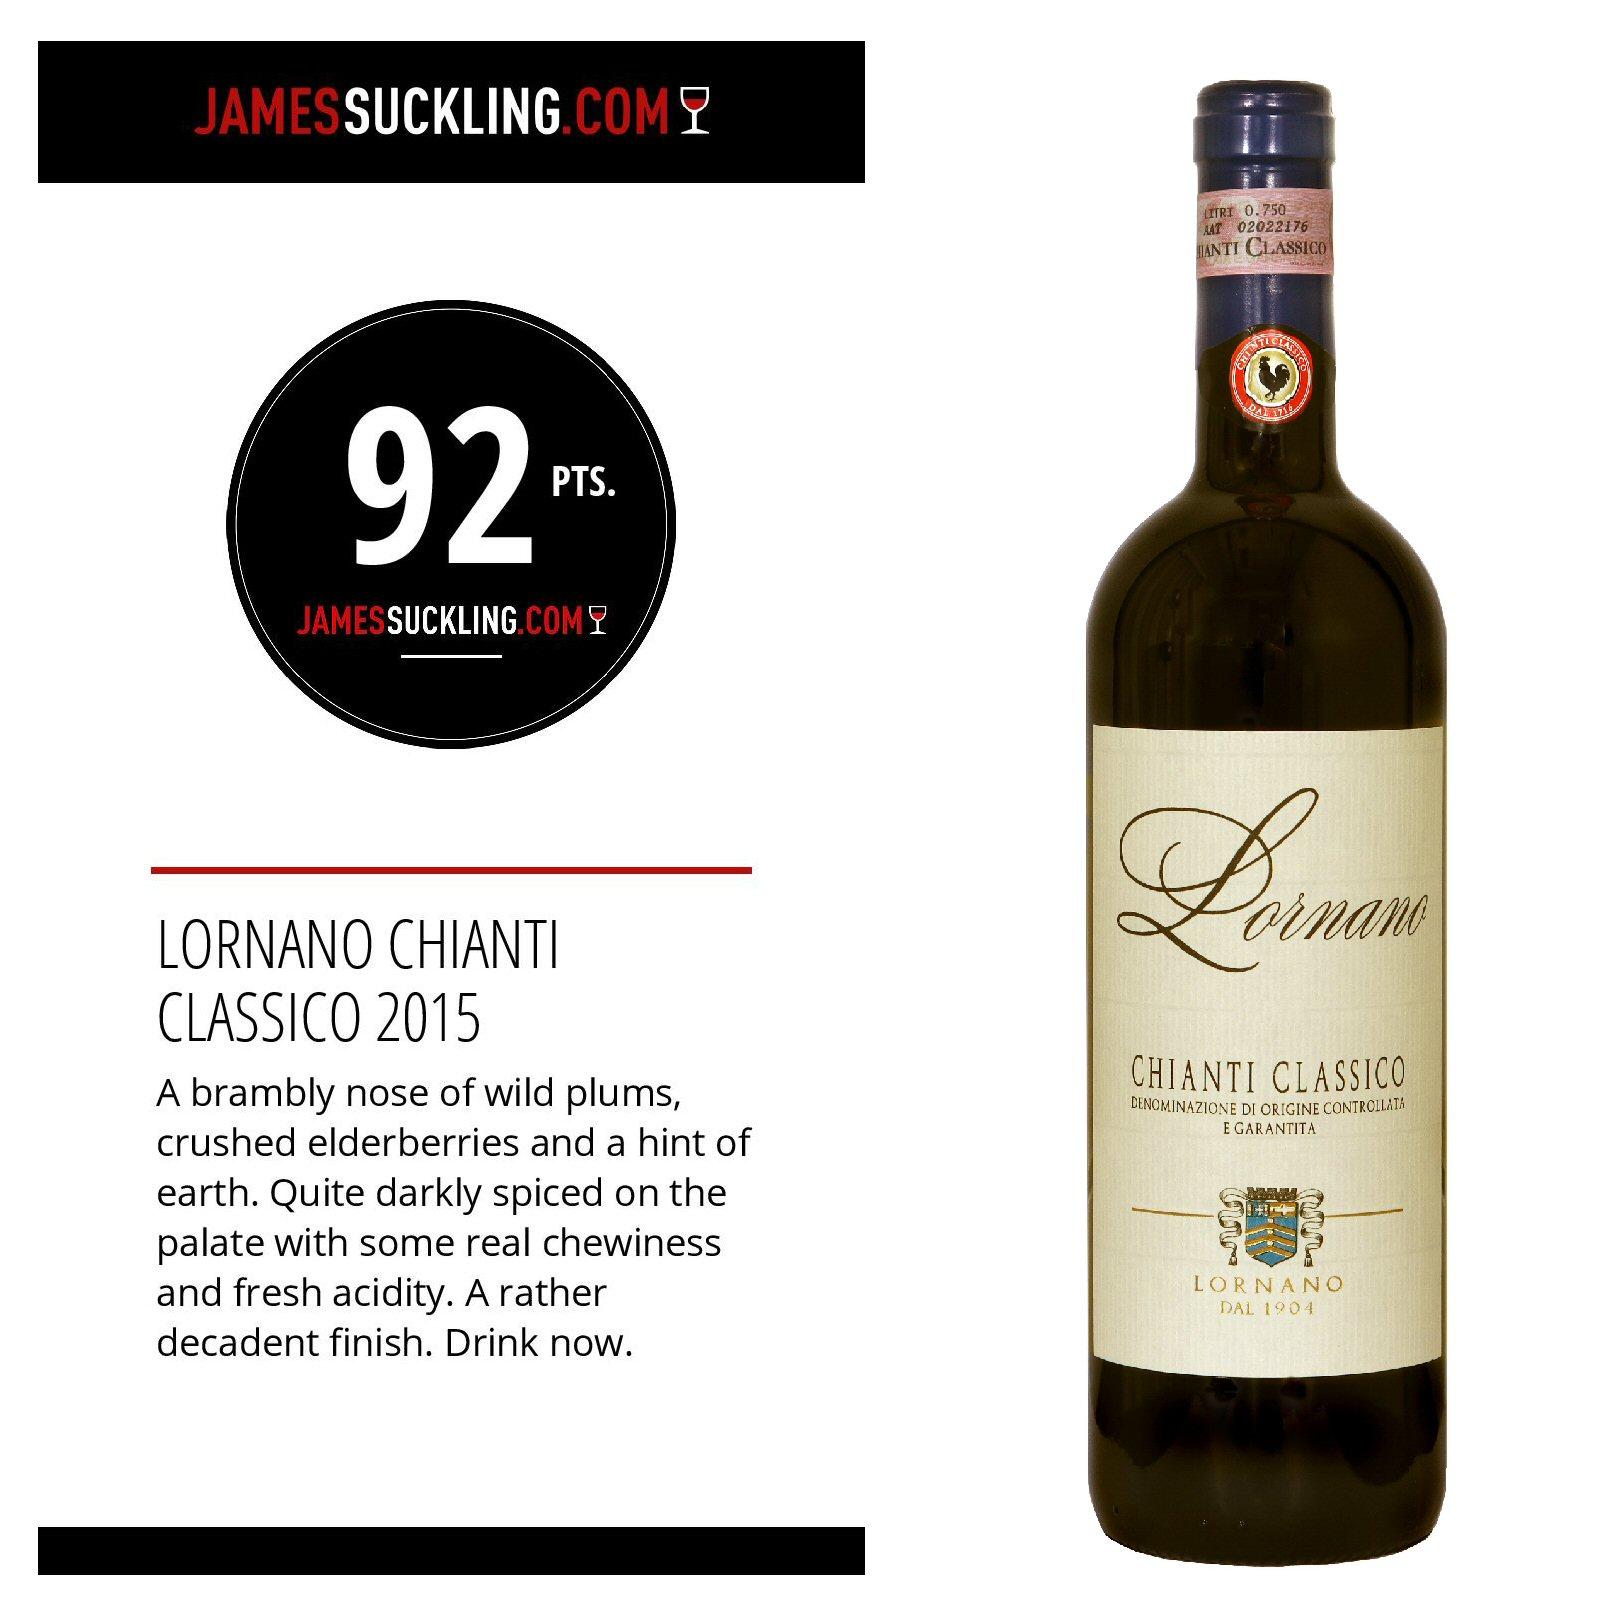 c55d86455 Wine Archives - Fattoria Lornano